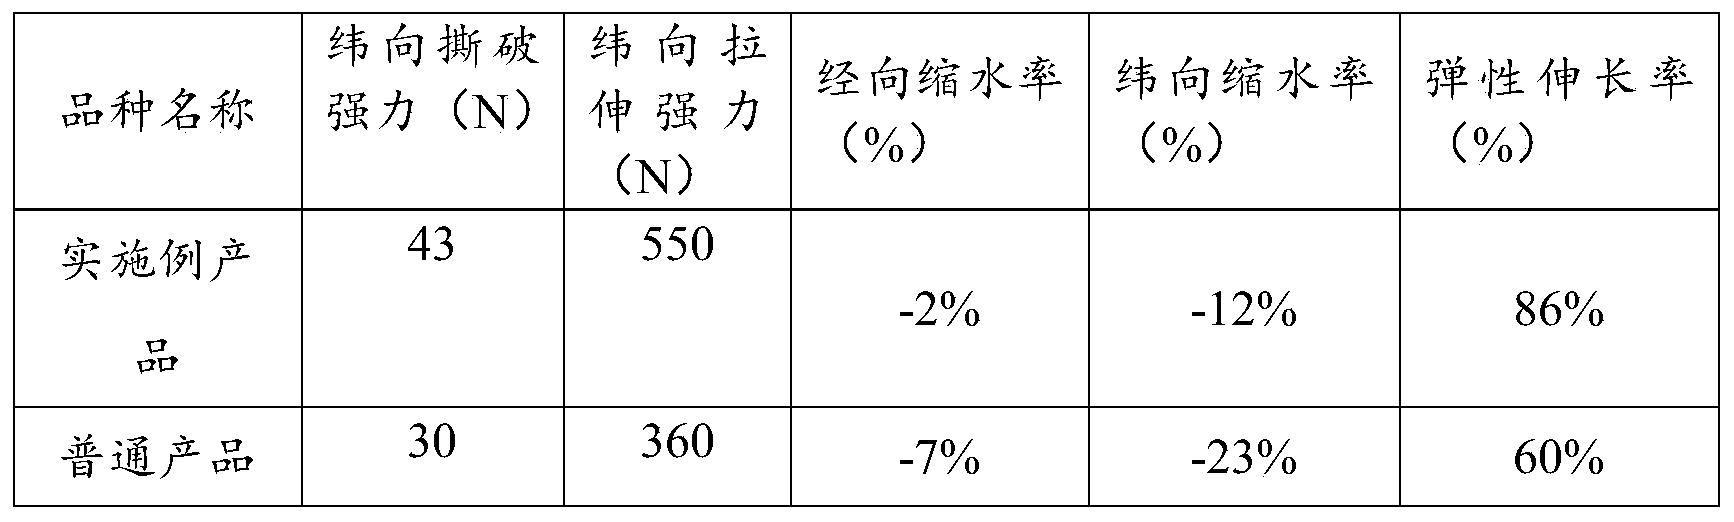 Figure PCTCN2019078519-appb-000007